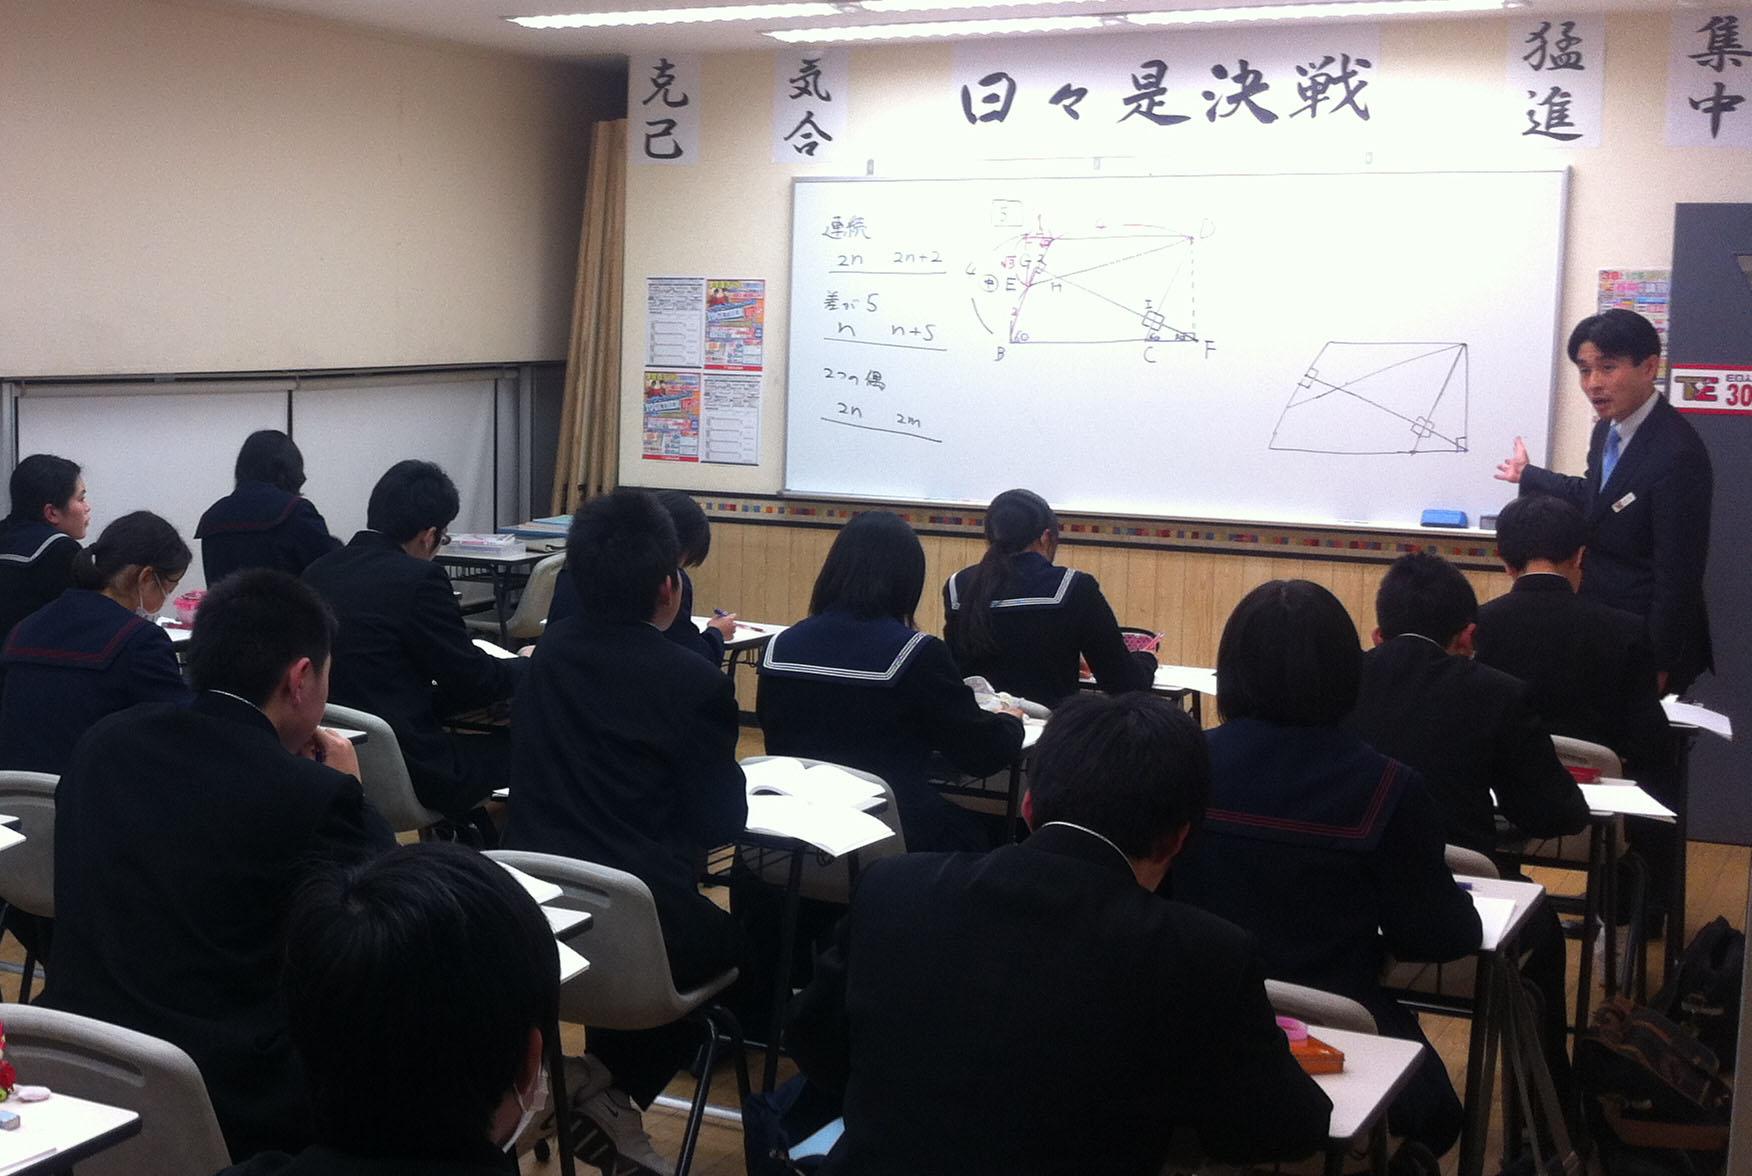 中3アドバンスクラス授業風景